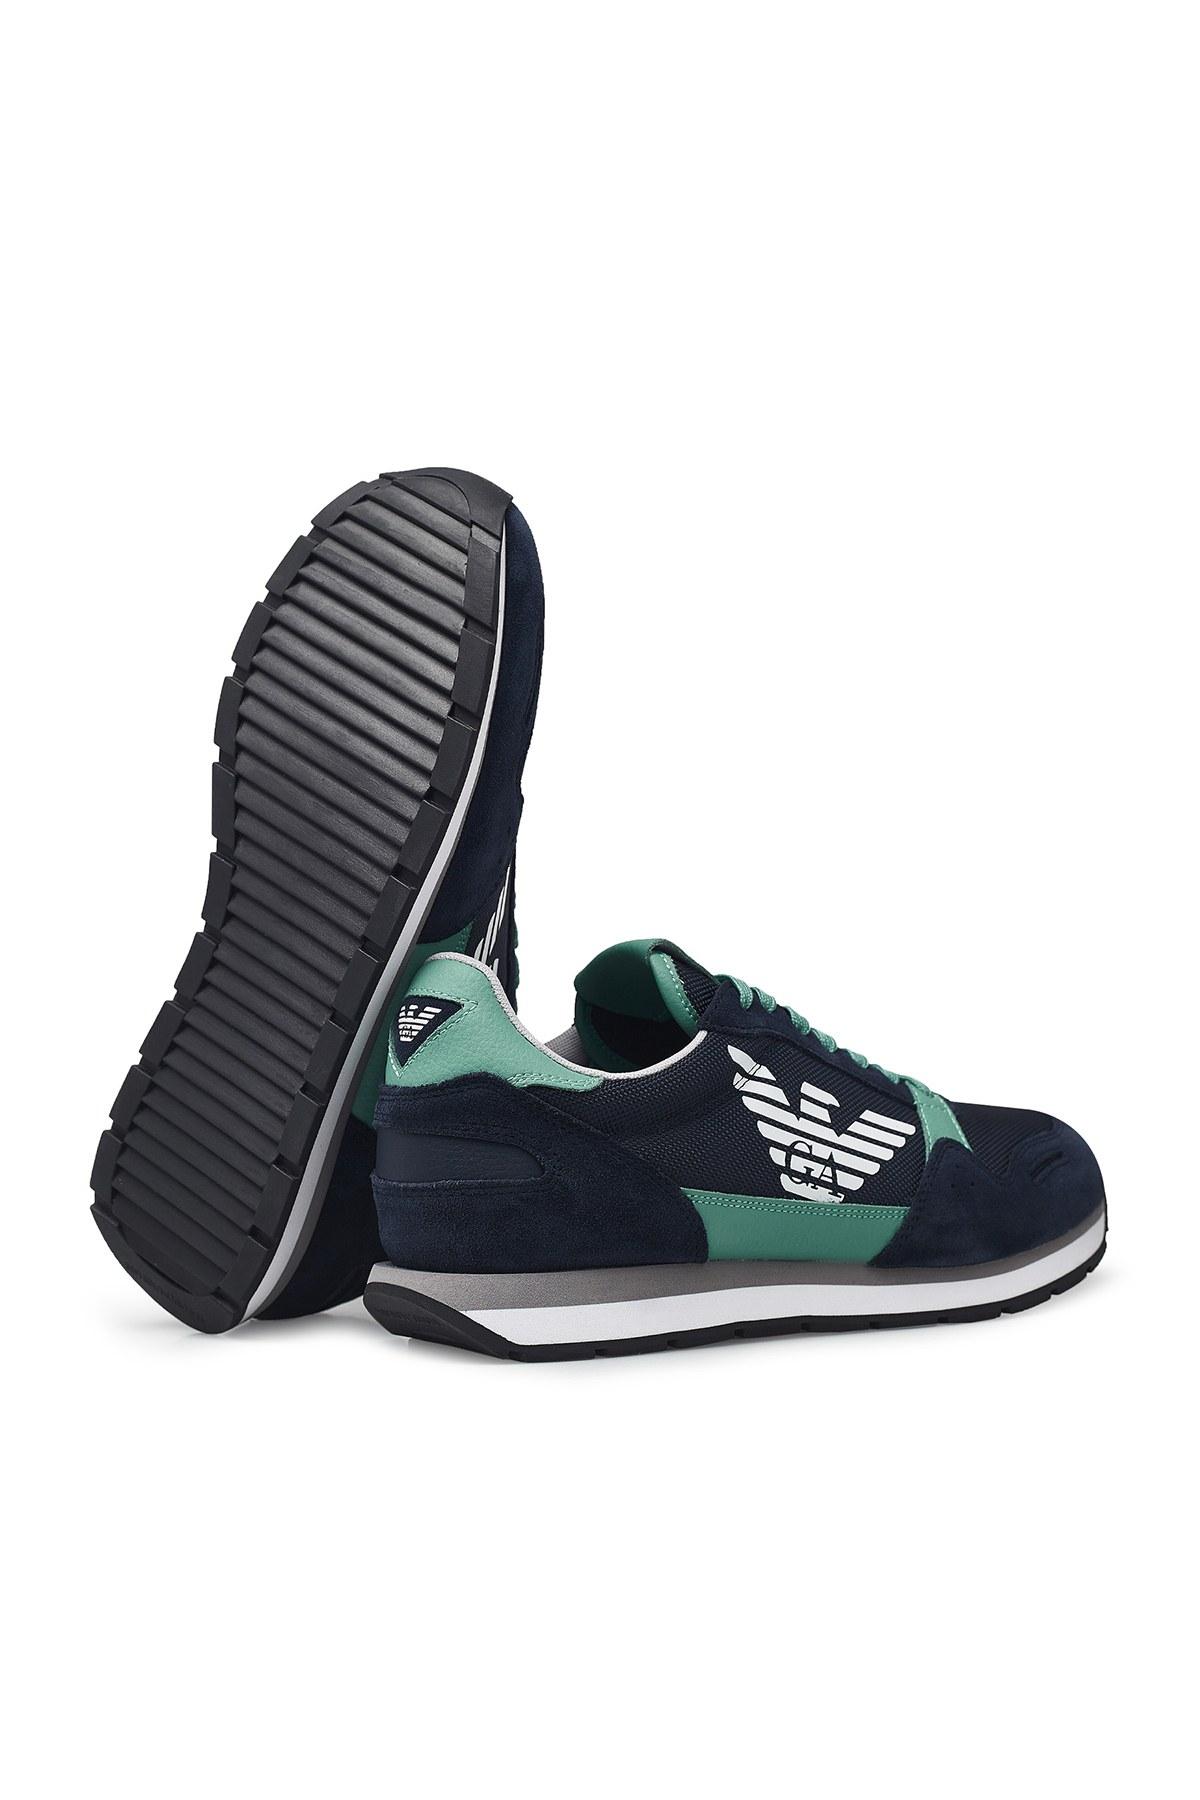 Emporio Armani Erkek Ayakkabı X4X215 XL198 C898 LACİVERT-YEŞİL